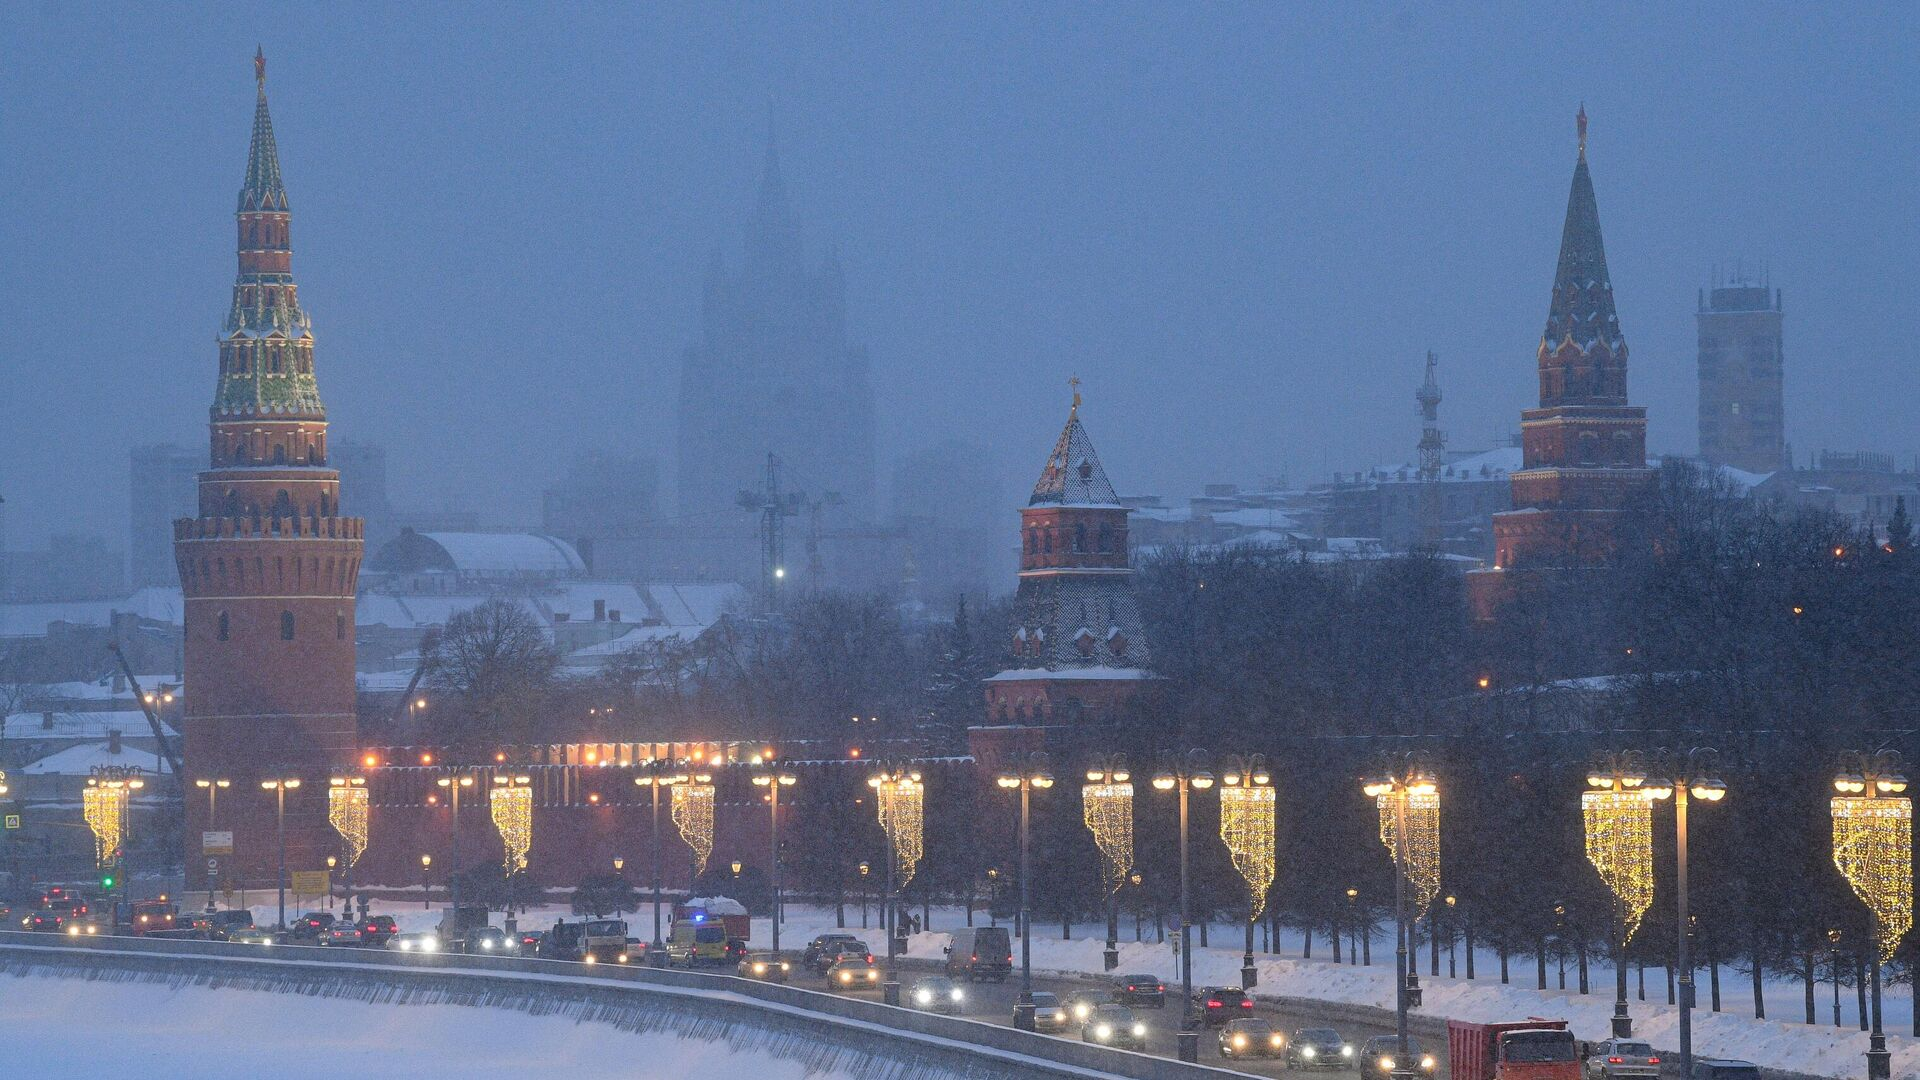 Снегопад в Москве - РИА Новости, 1920, 08.03.2021